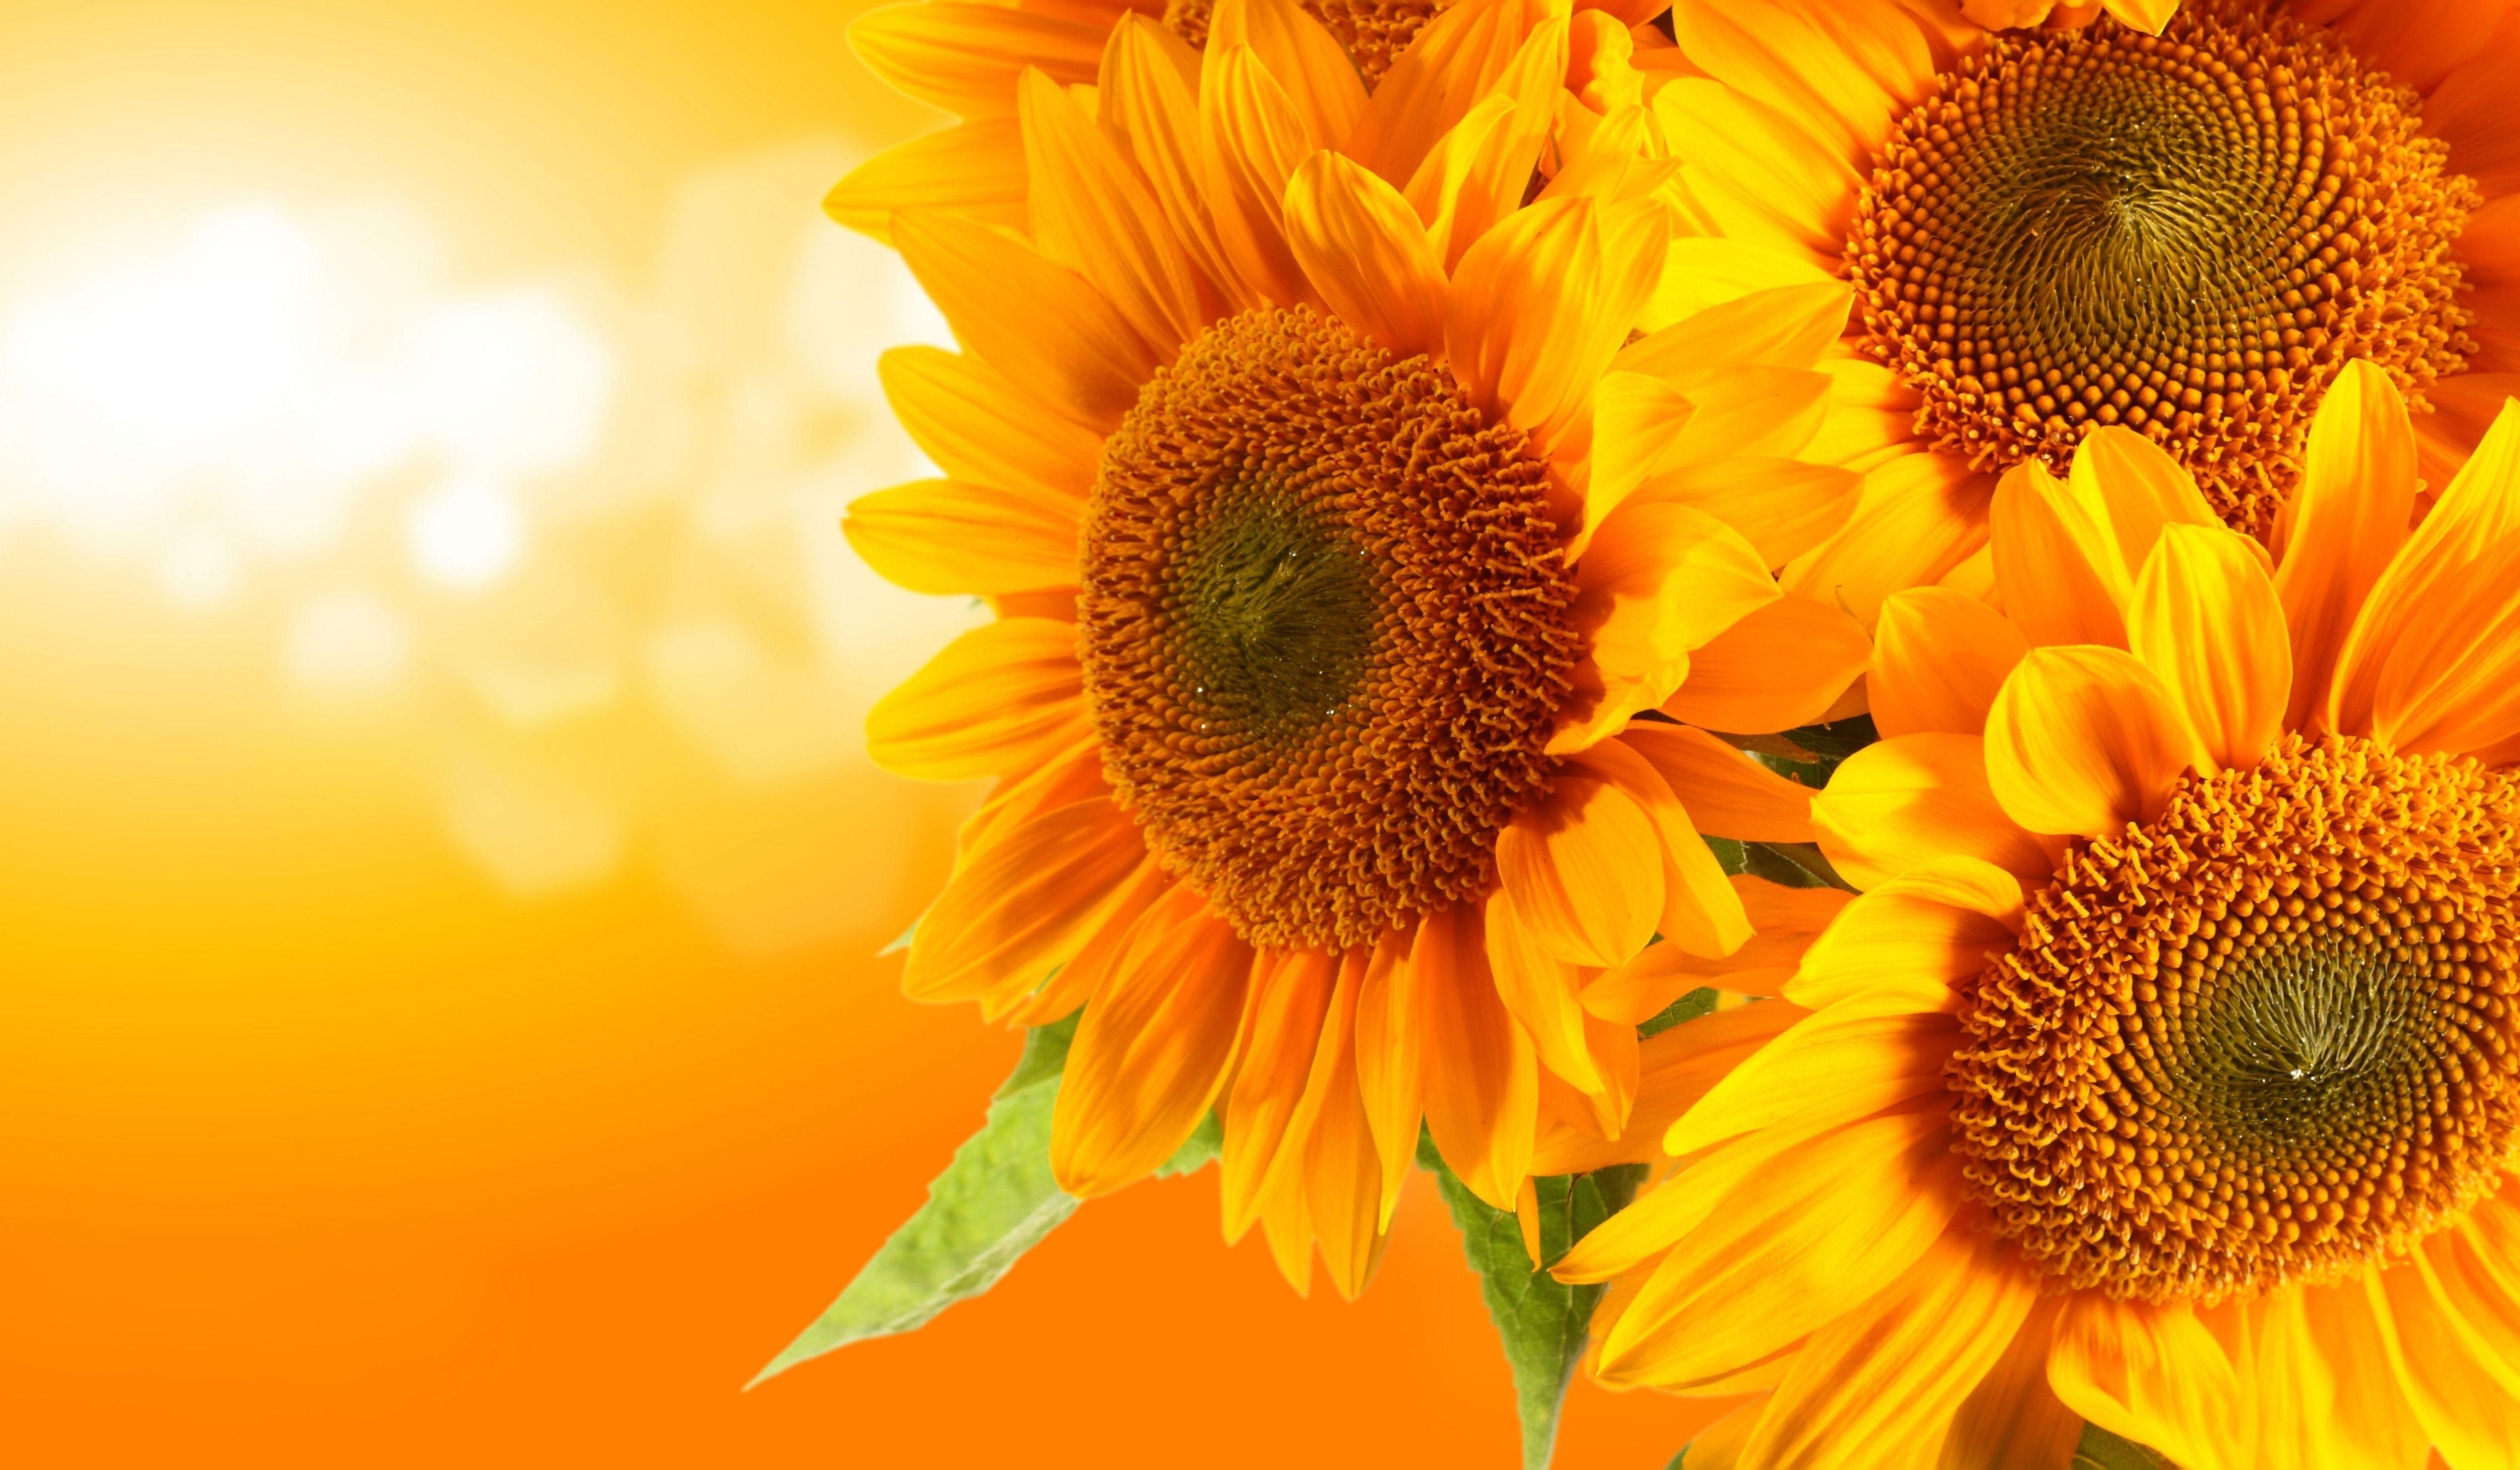 Картинка: Подсолнух, цветы, жёлтые, боке, фон